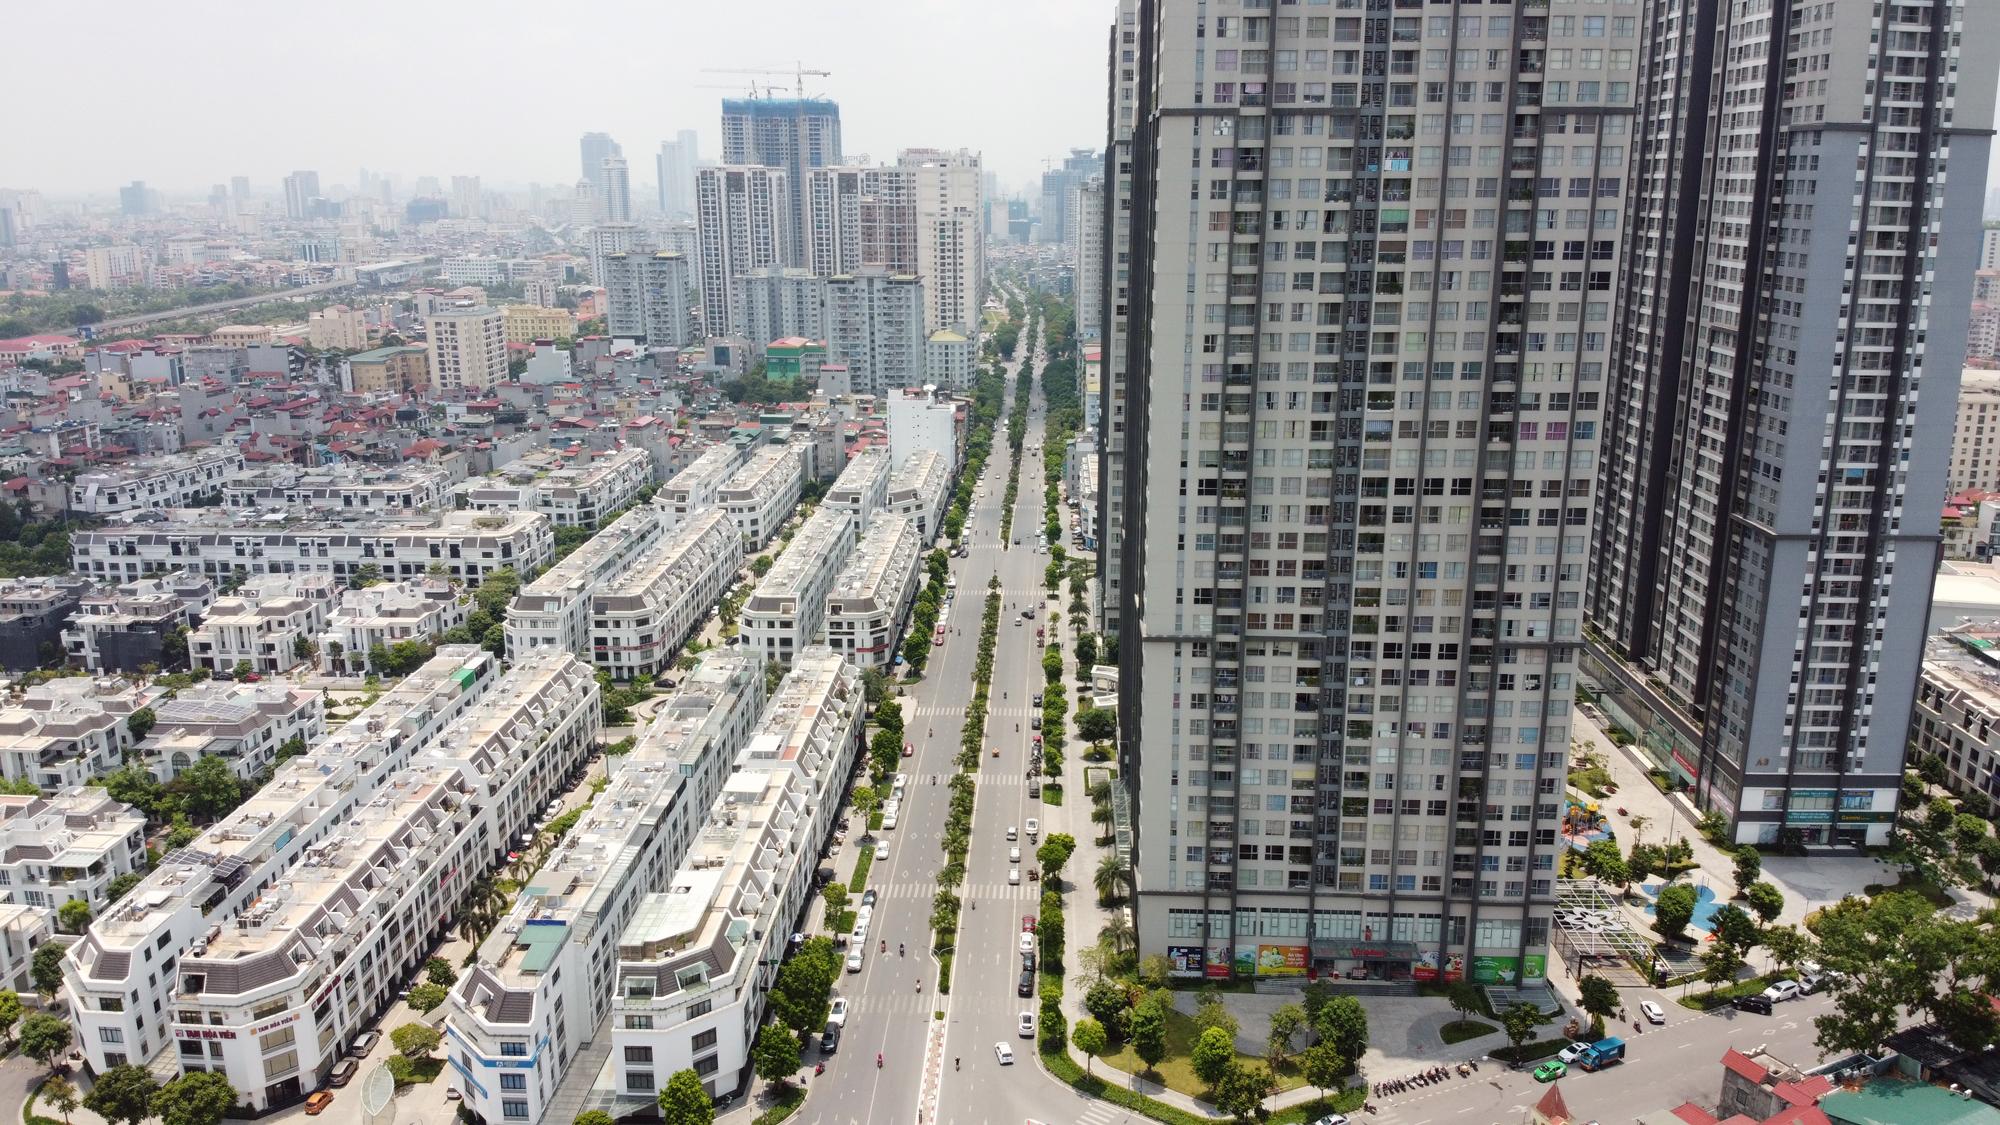 Ba đường sẽ mở theo qui hoạch ở phường Cầu Diễn, Nam Từ Liêm, Hà Nội - Ảnh 3.